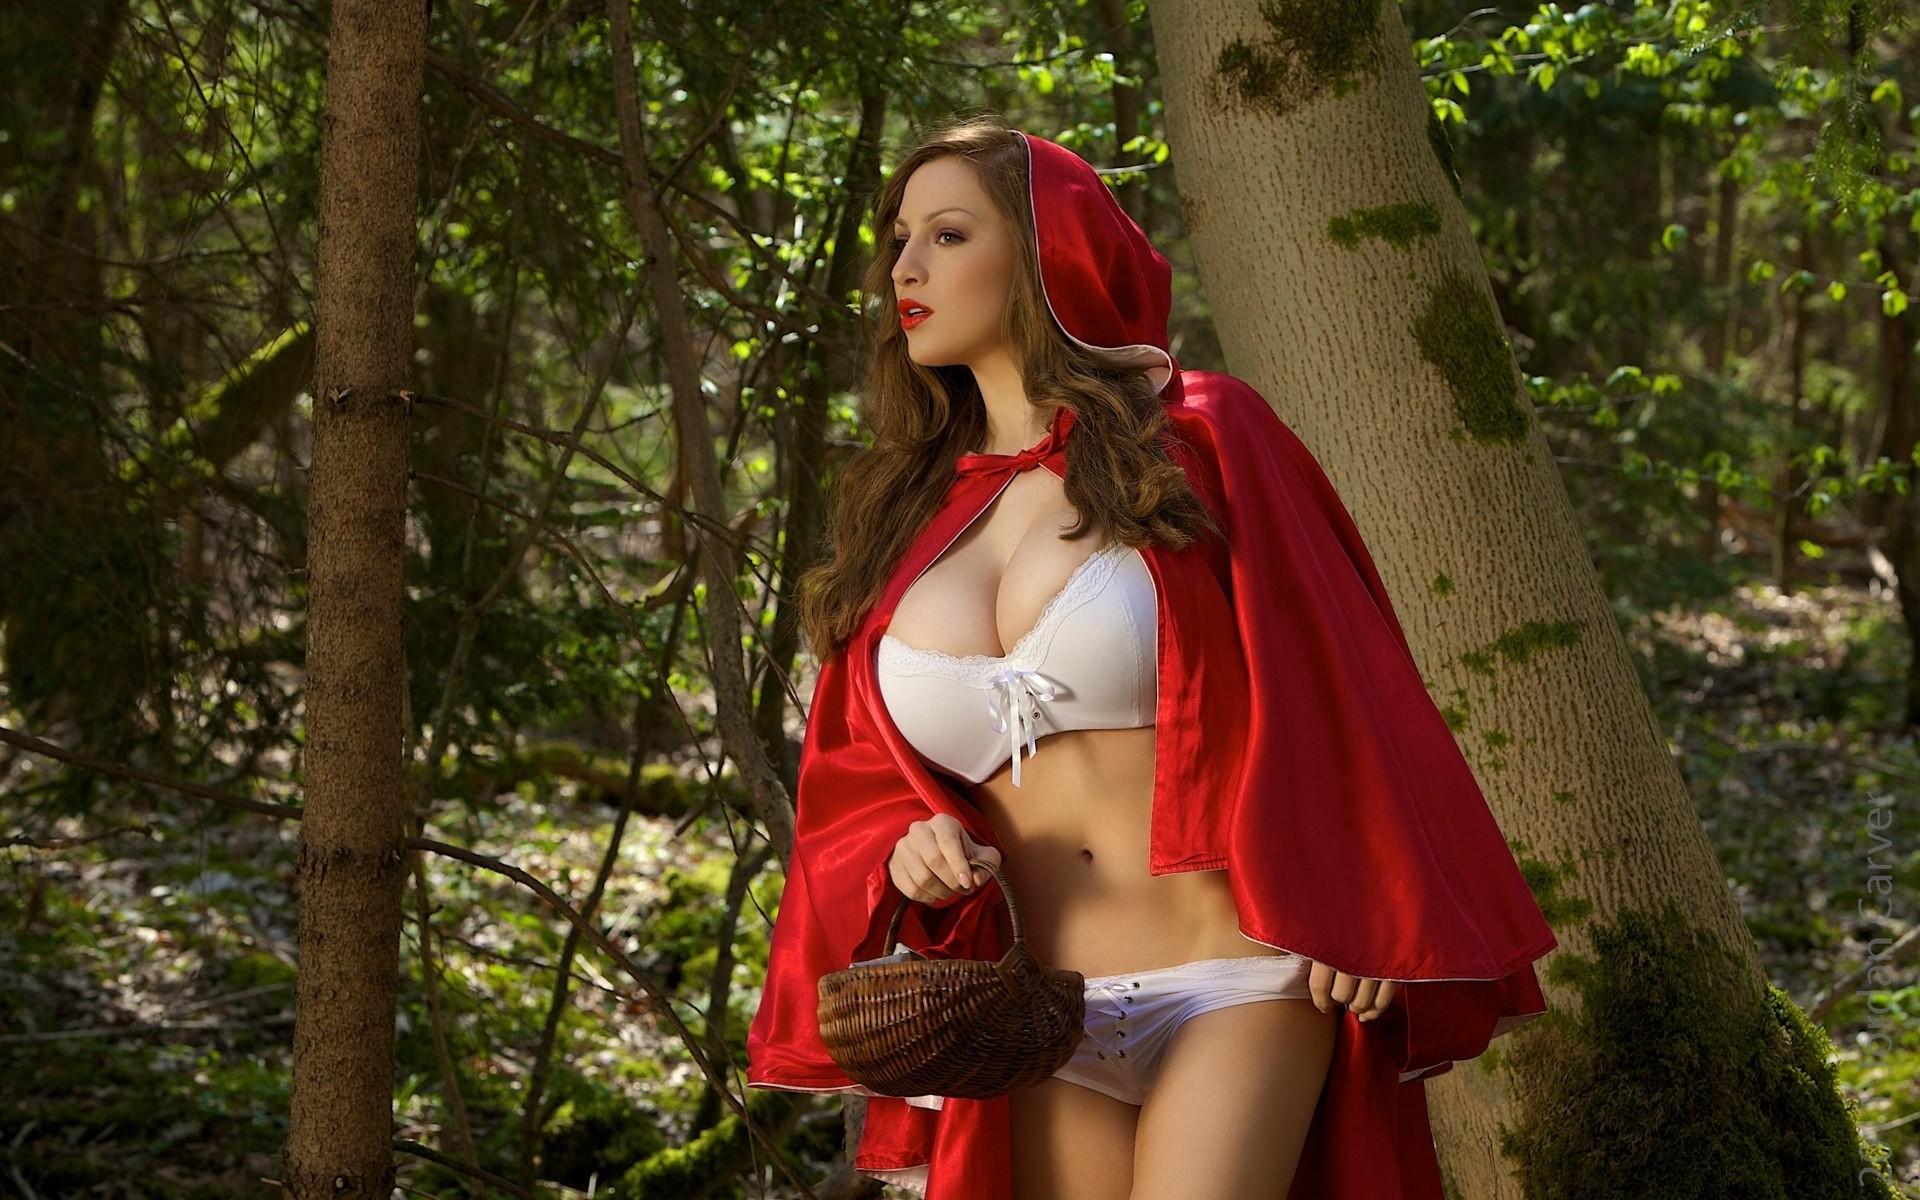 красная шапка сиськи